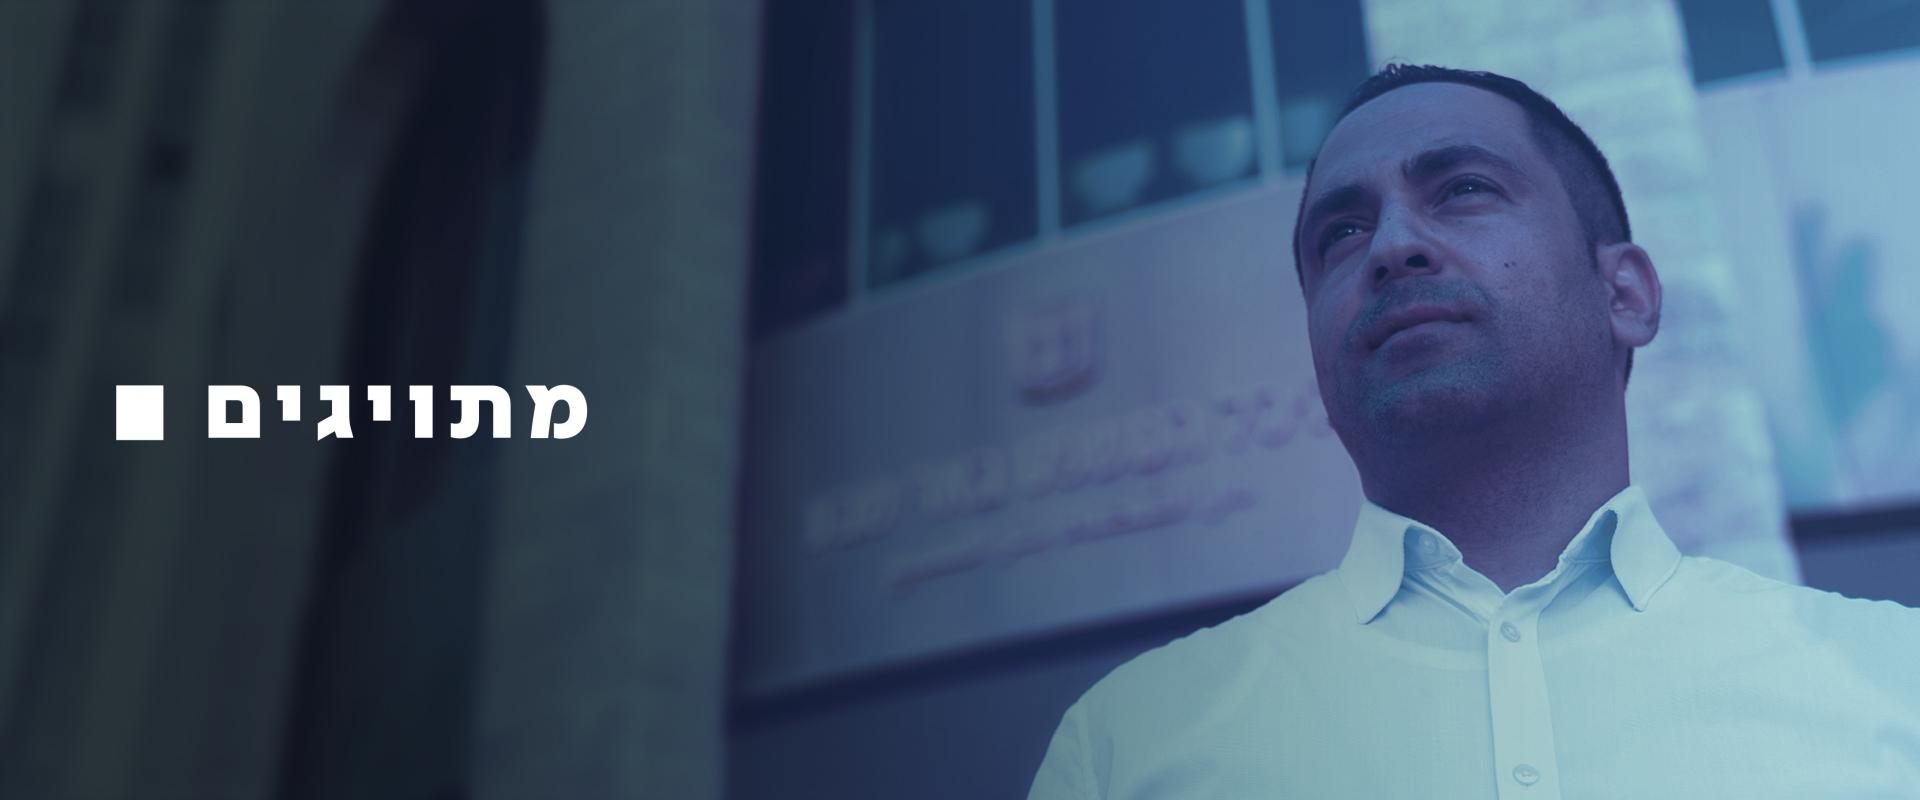 מתויגים: מוחמד אבו פריח